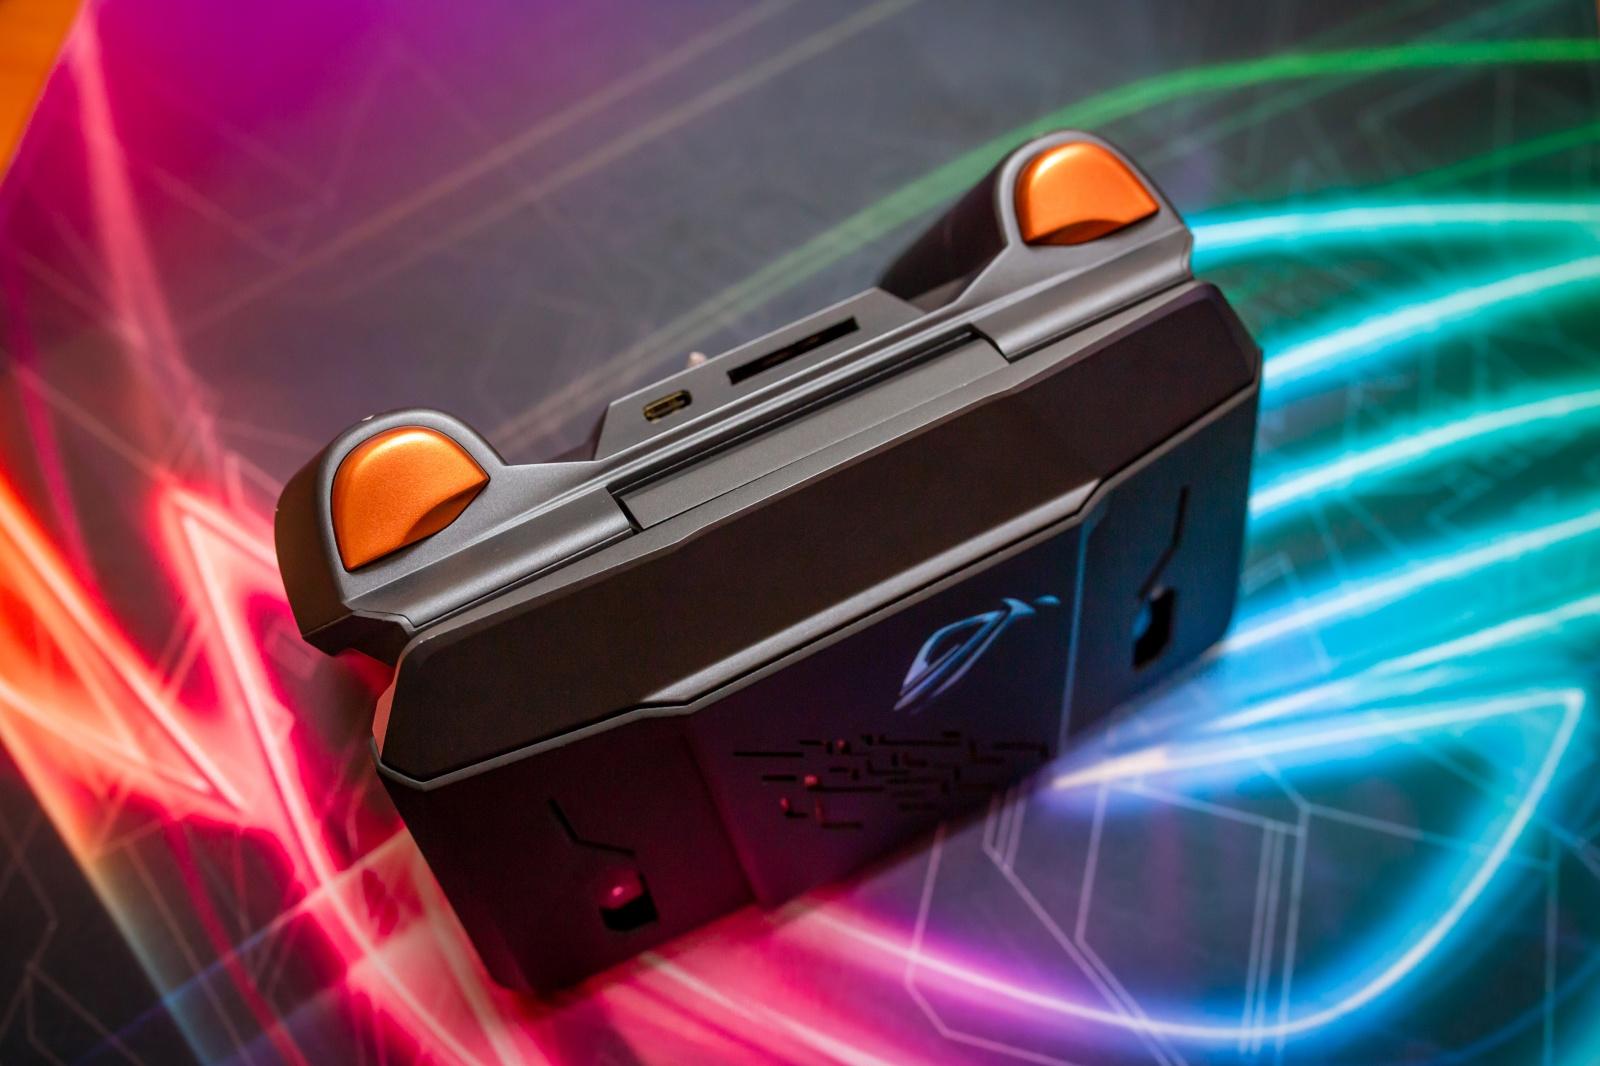 Первый взгляд на геймерский смартфон ASUS ROG Phone - 20